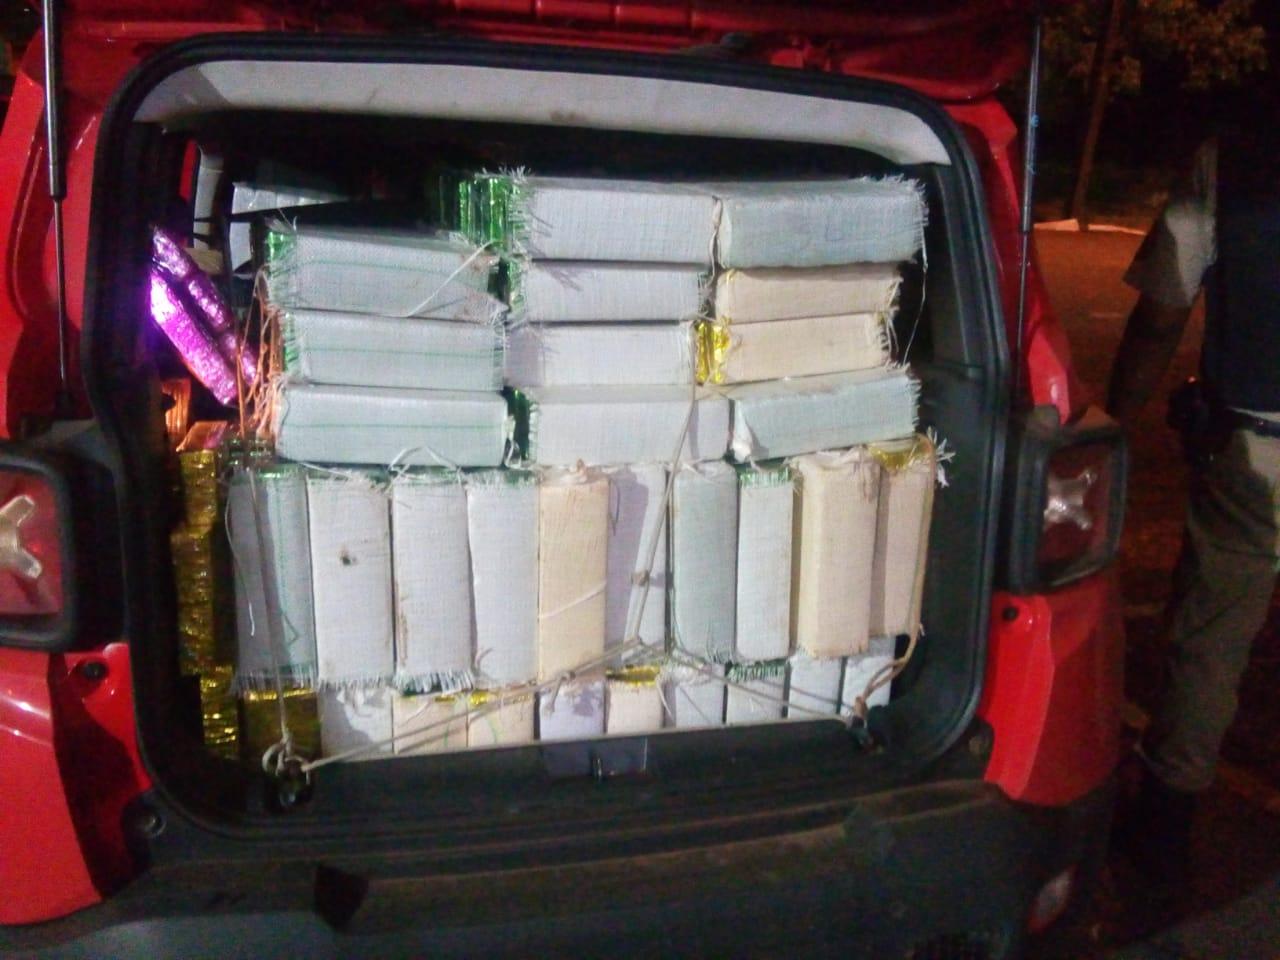 Cerca de 1 tonelada de maconha foi apreendida (Foto: Divulgação/PMMG)